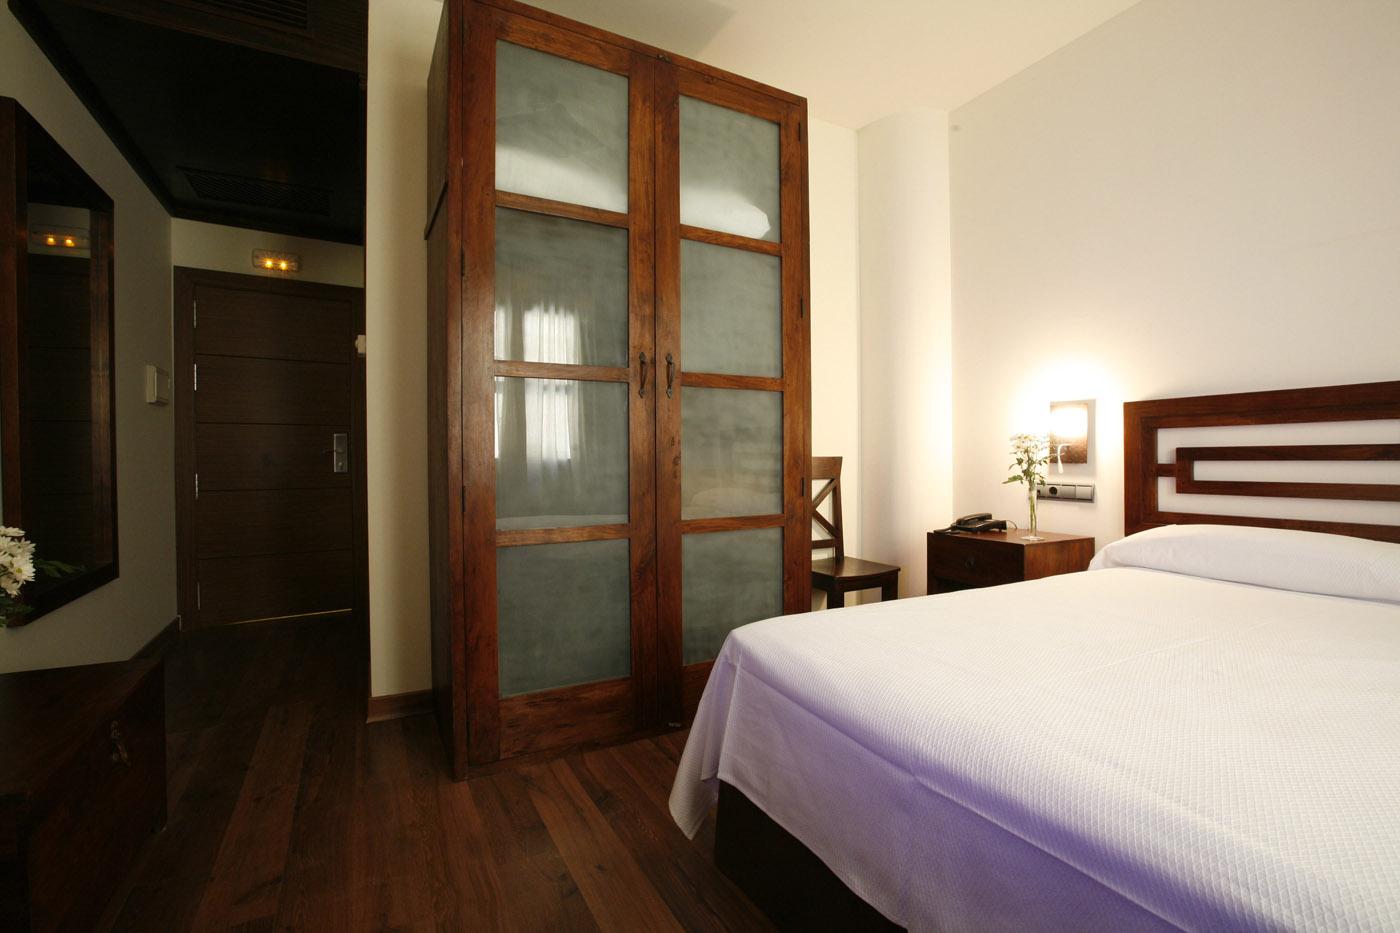 Hotel Casa del Trigo | Double Room